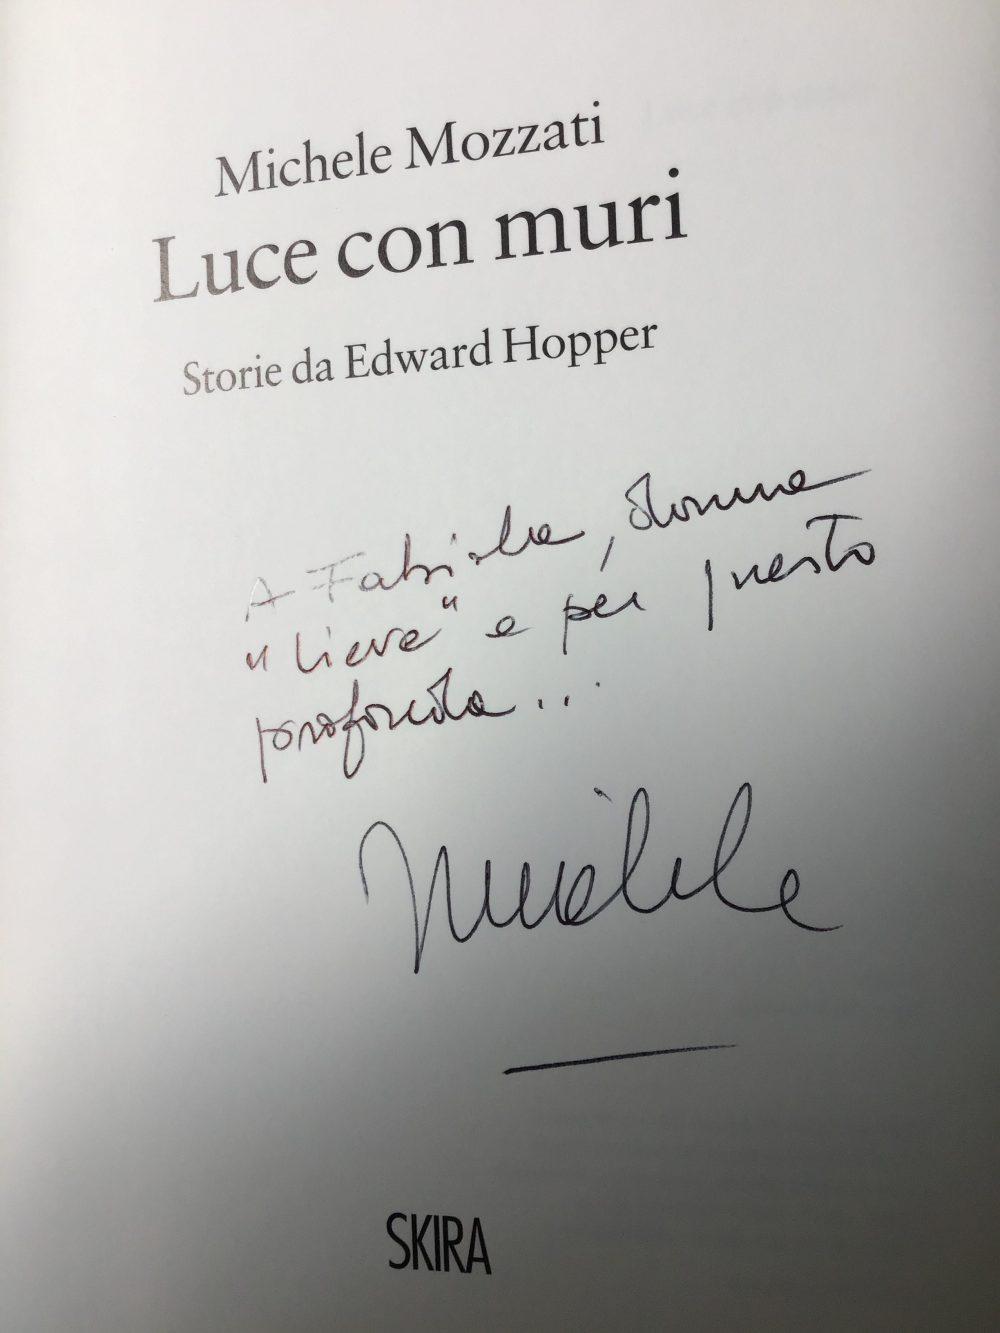 Storie da Edward Hopper di Michele Mozzati